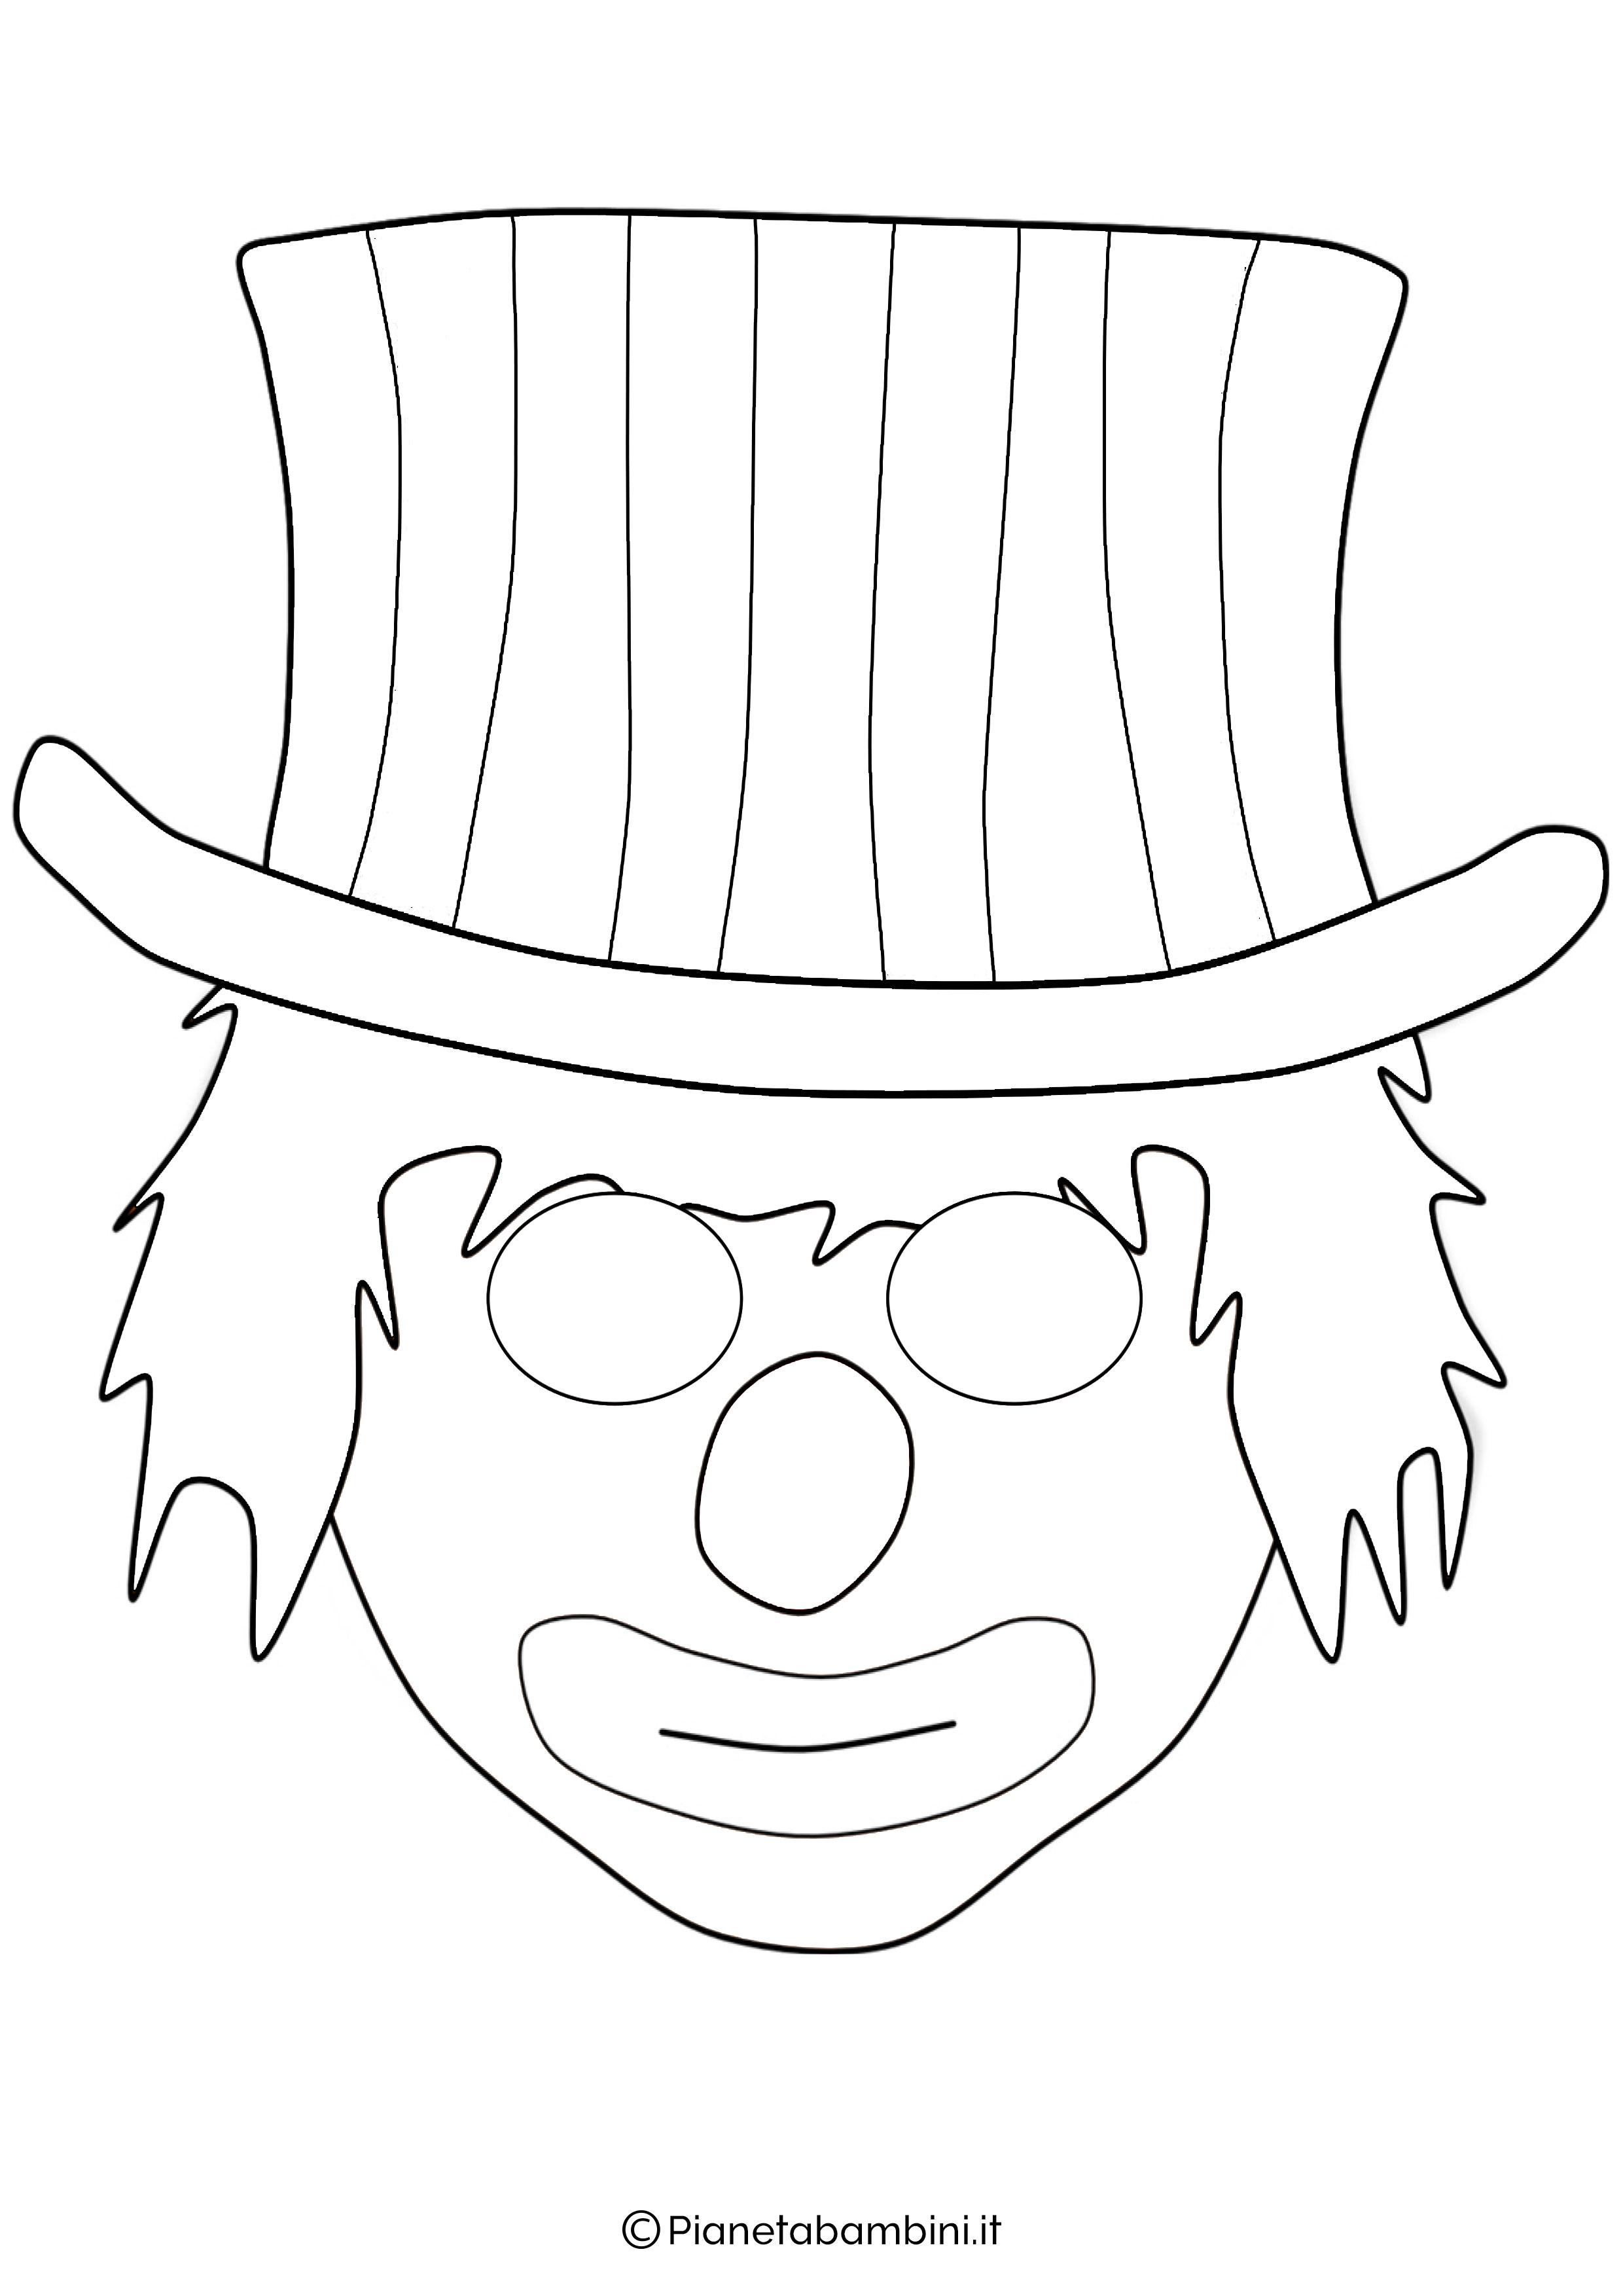 Maschere da pagliacci da stampare e colorare for Immagini di clown da colorare